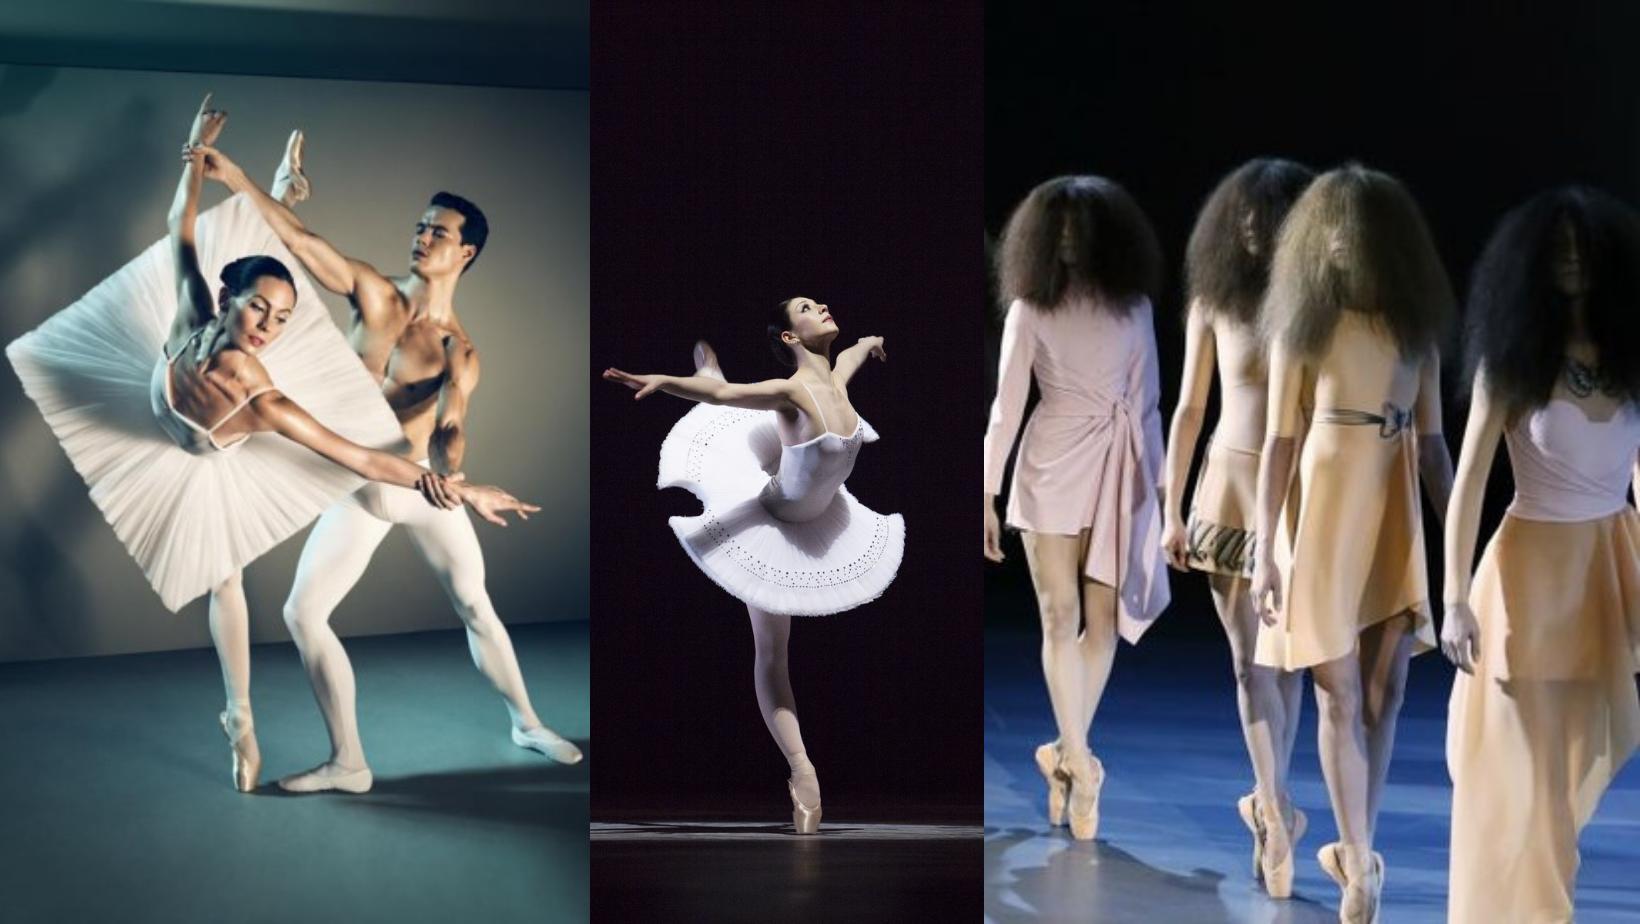 het nationale ballet en viktor & rolf, modewereld en danswereld